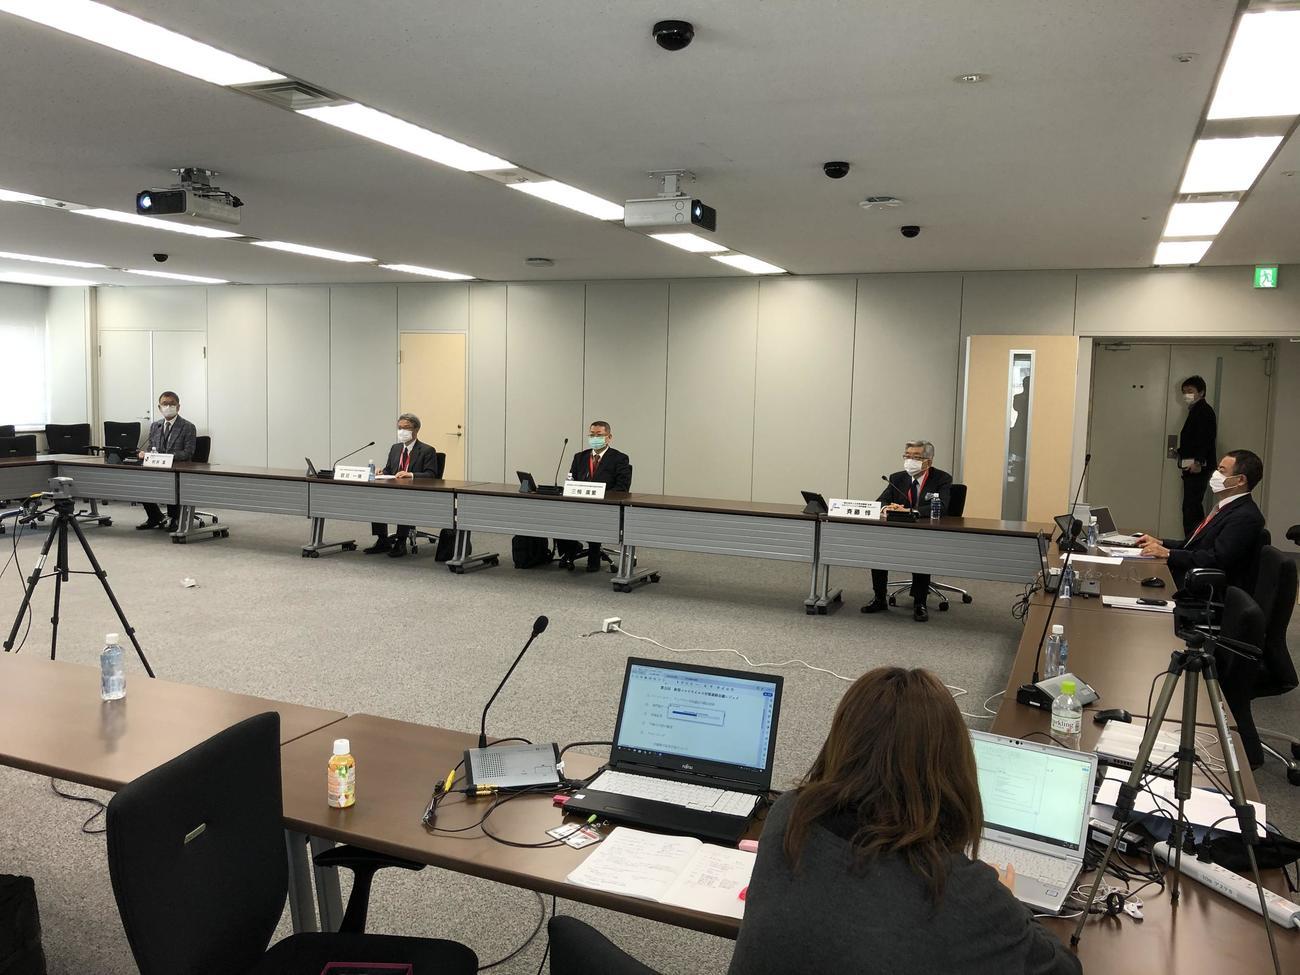 マスク着用で席の間隔をあけ、ウェブ参加者もまじえて実施された第5回新型コロナウイルス対策連絡会議(Jリーグ提供)